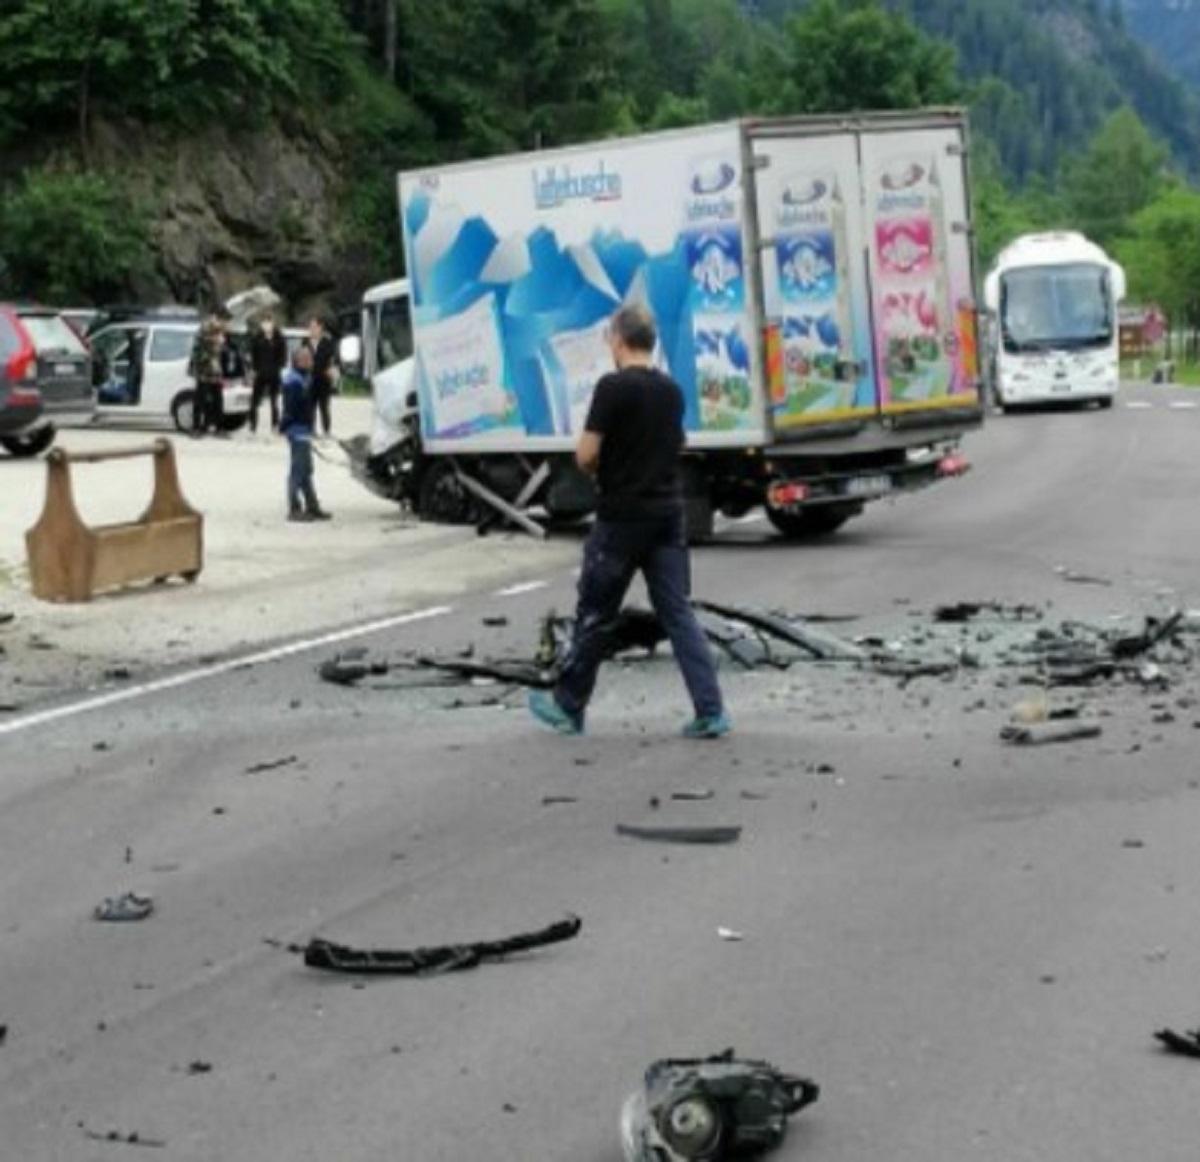 Caprile Carla Scola morta 47 anni incidente